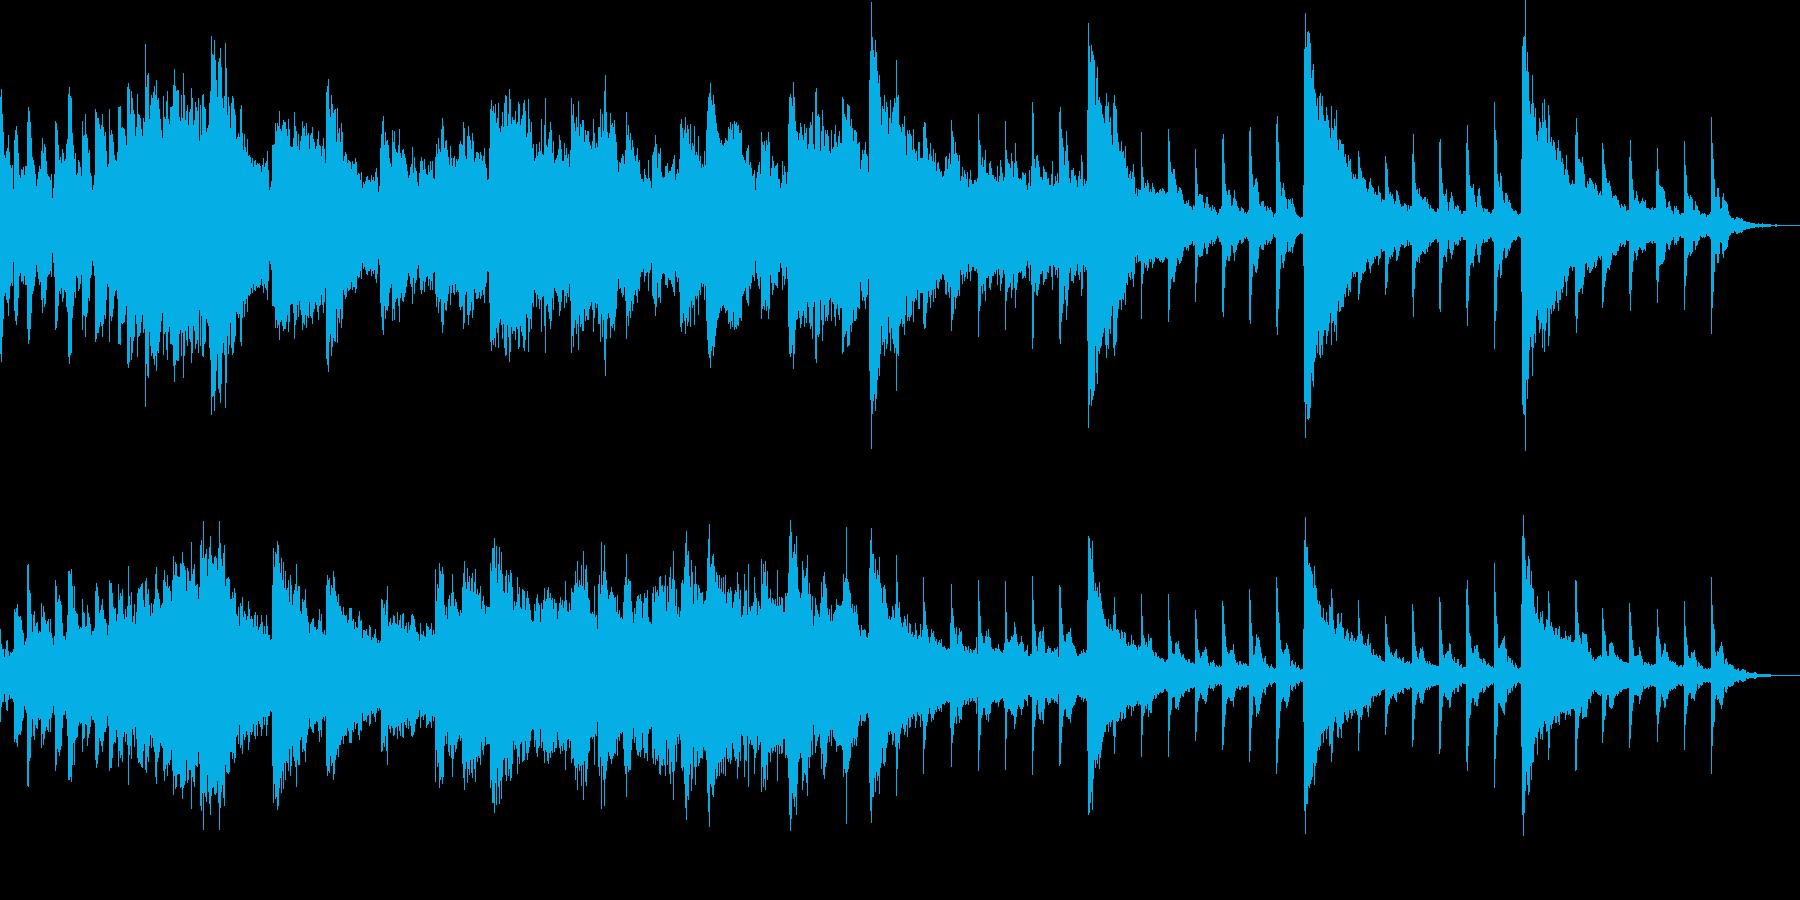 不安にかられるイメージの曲の再生済みの波形